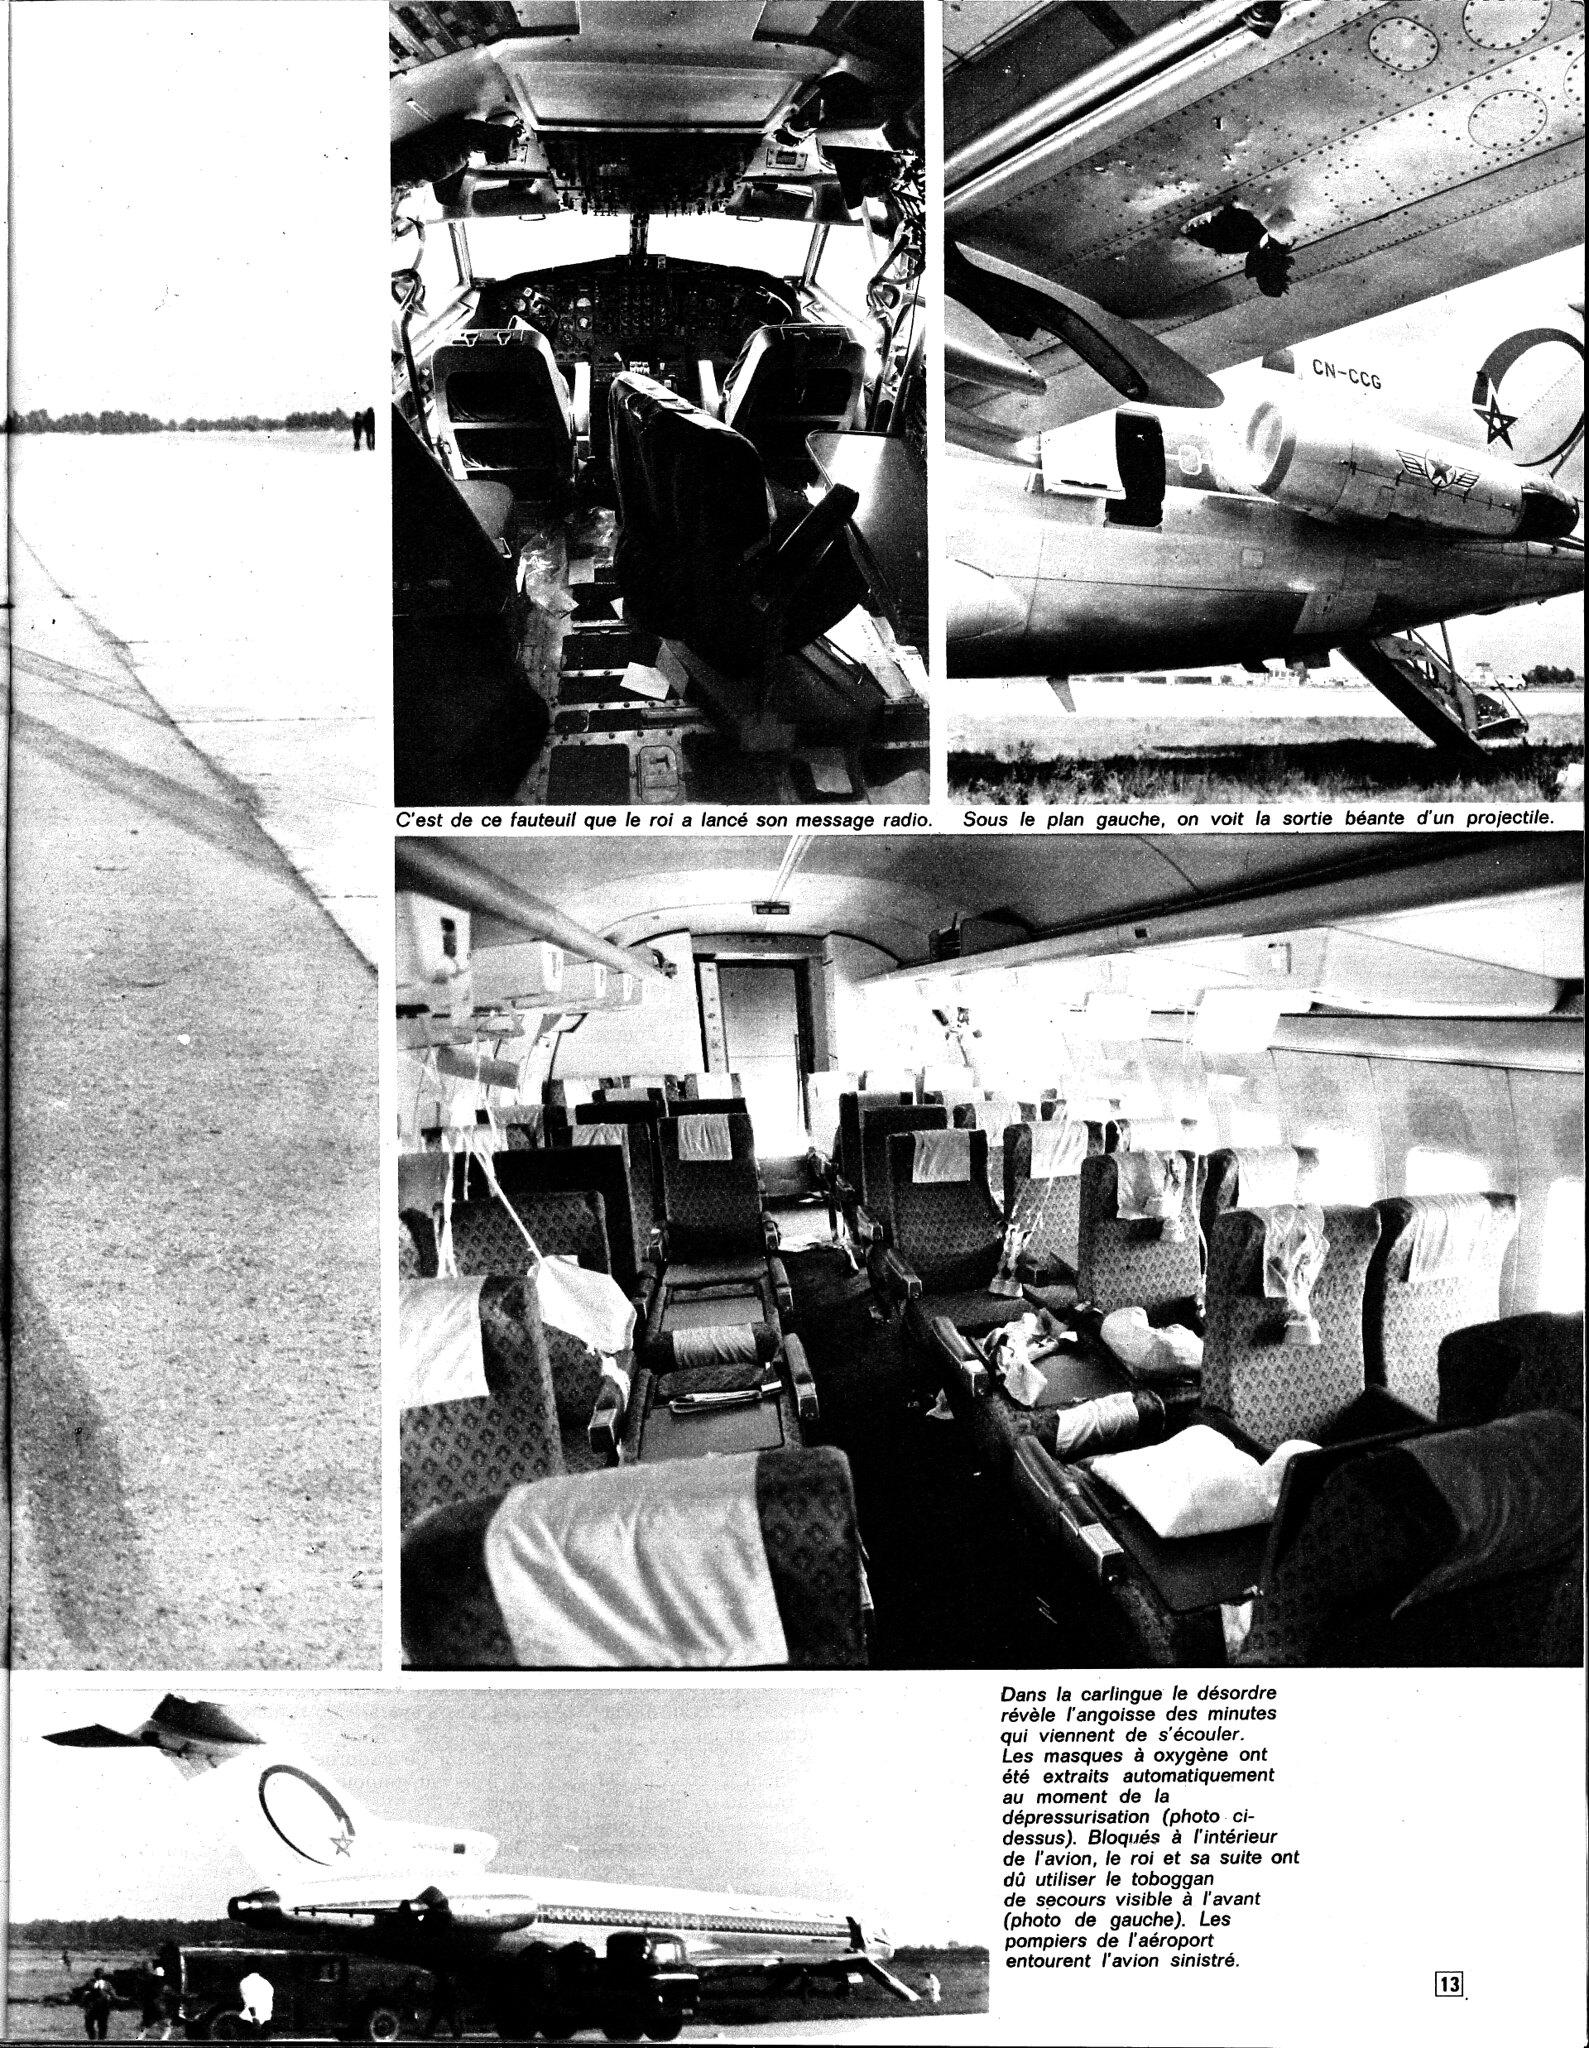 Tentative de coup d'État Boeing Royal vs F-5A/B Opération Borak le 16 août 1972 49016165557_666682f26d_k